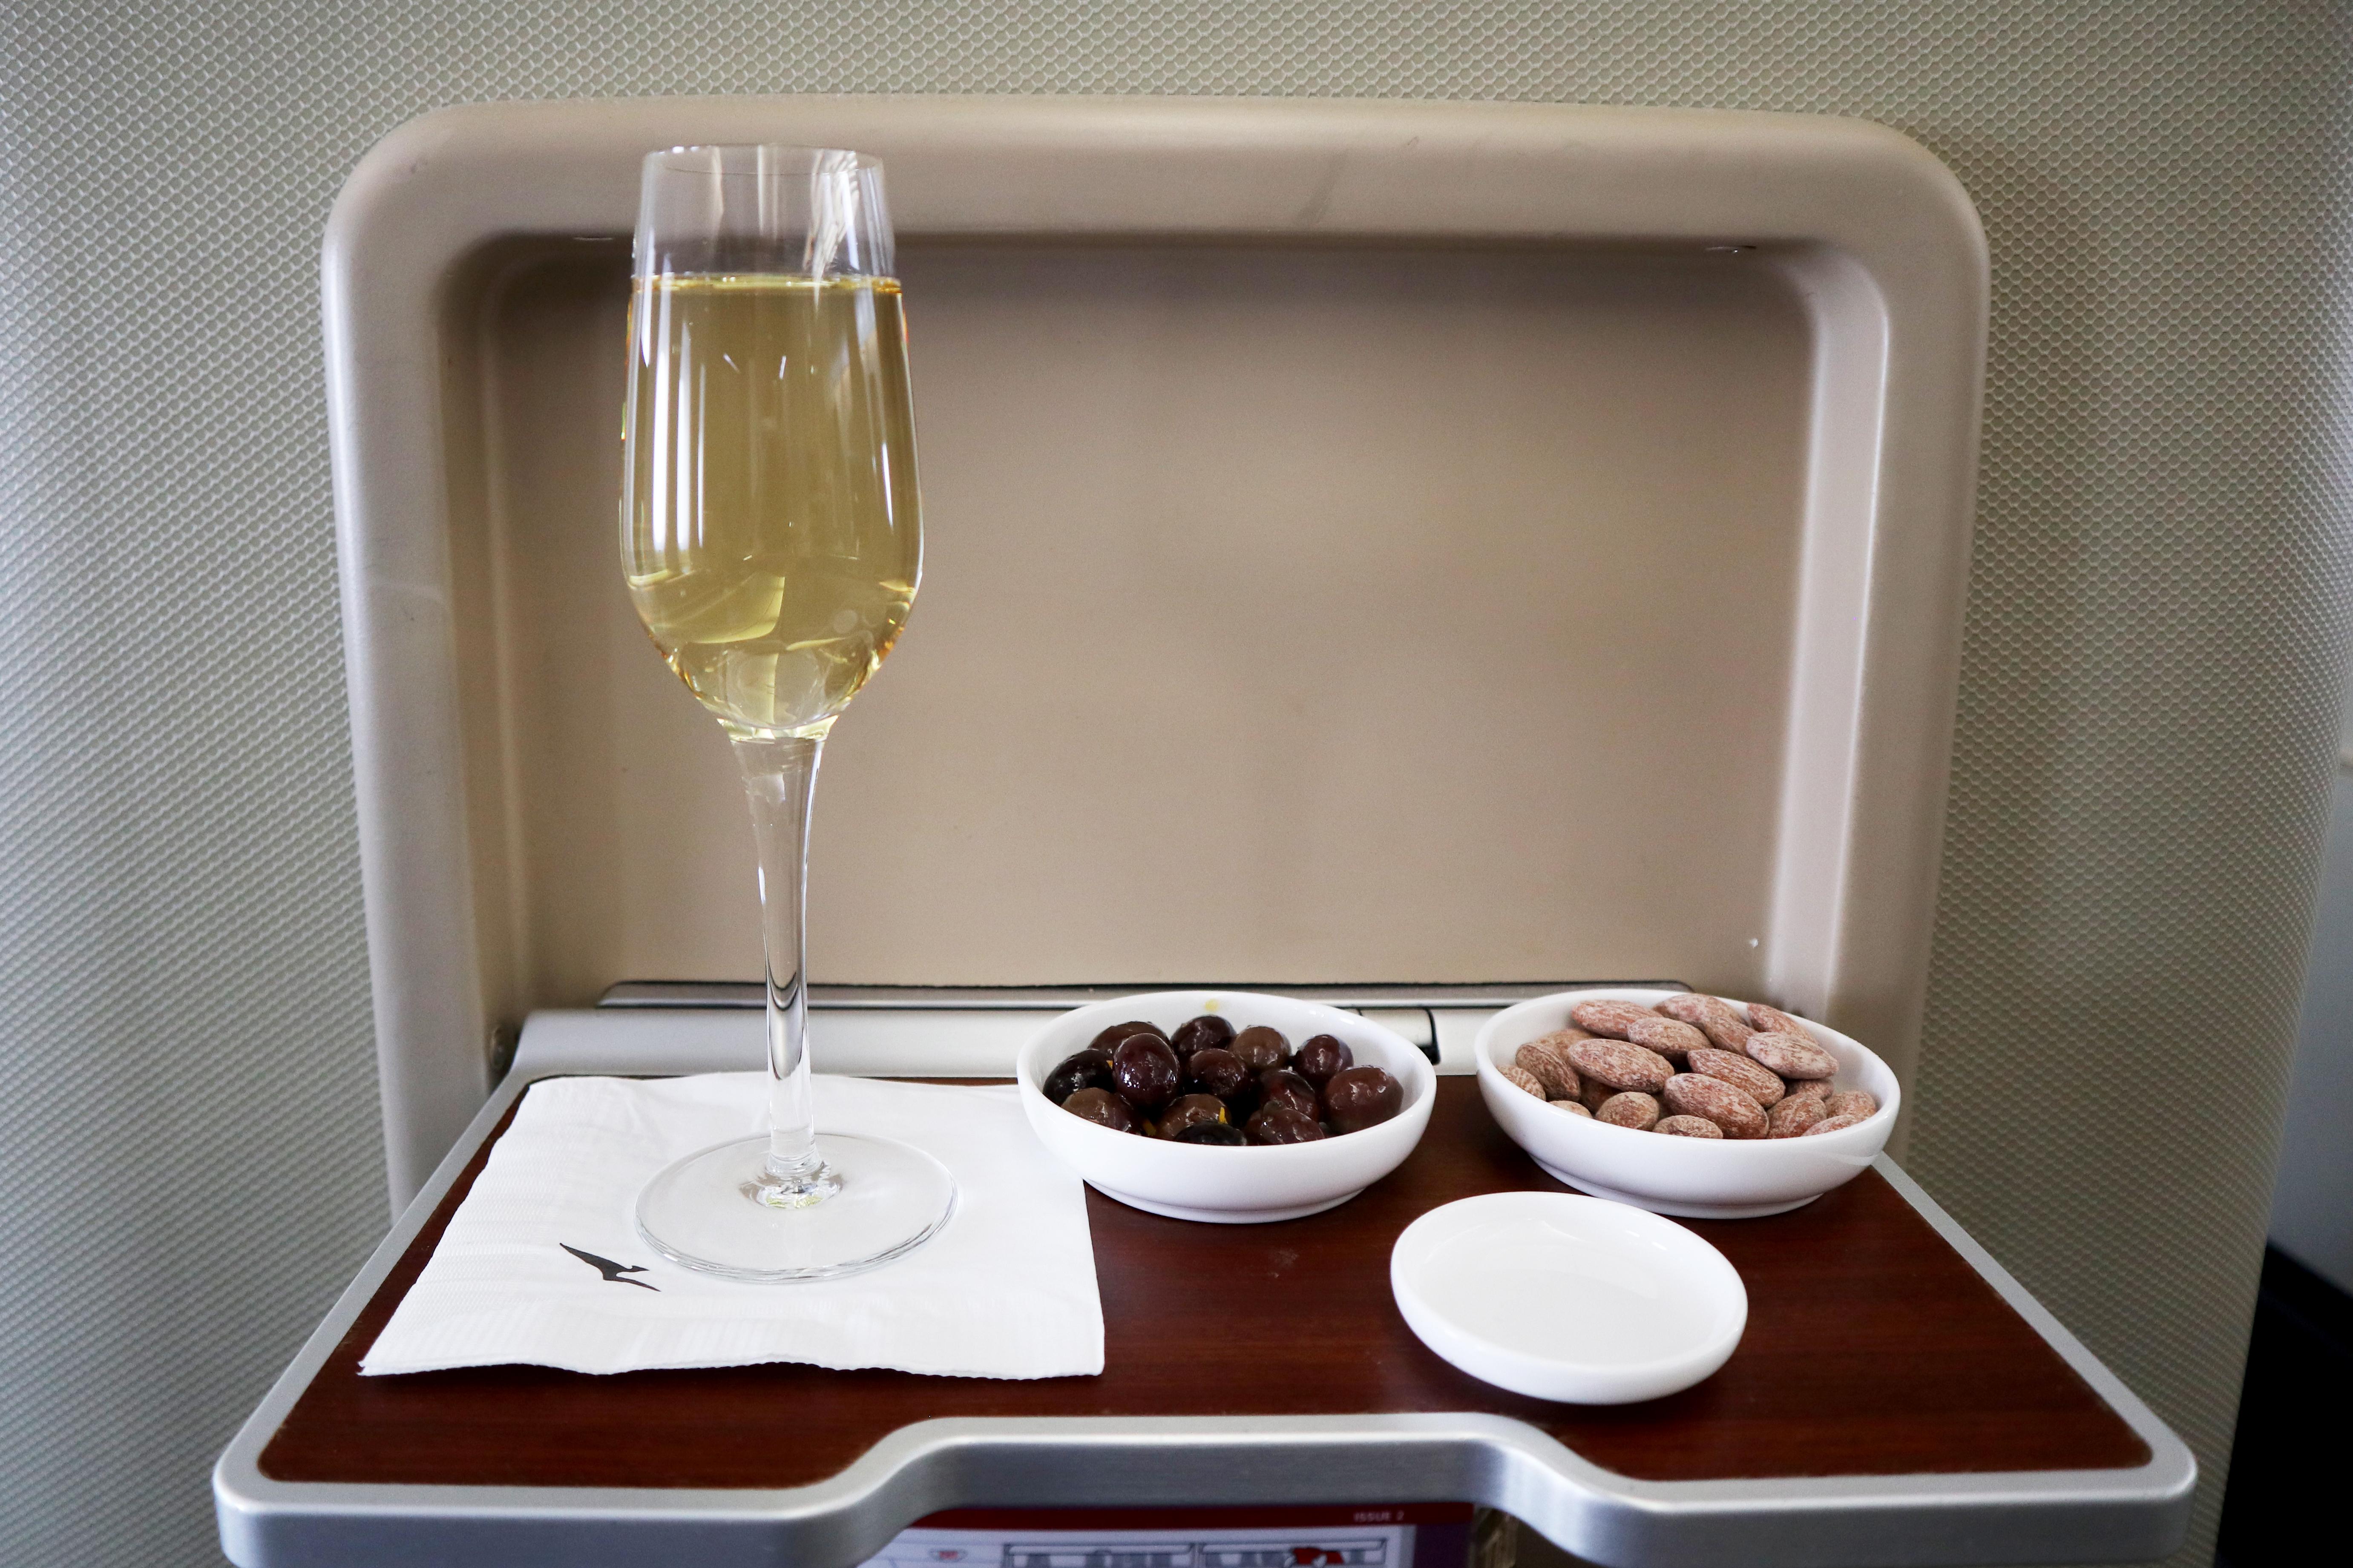 Qantas A380 Boarding Champagne